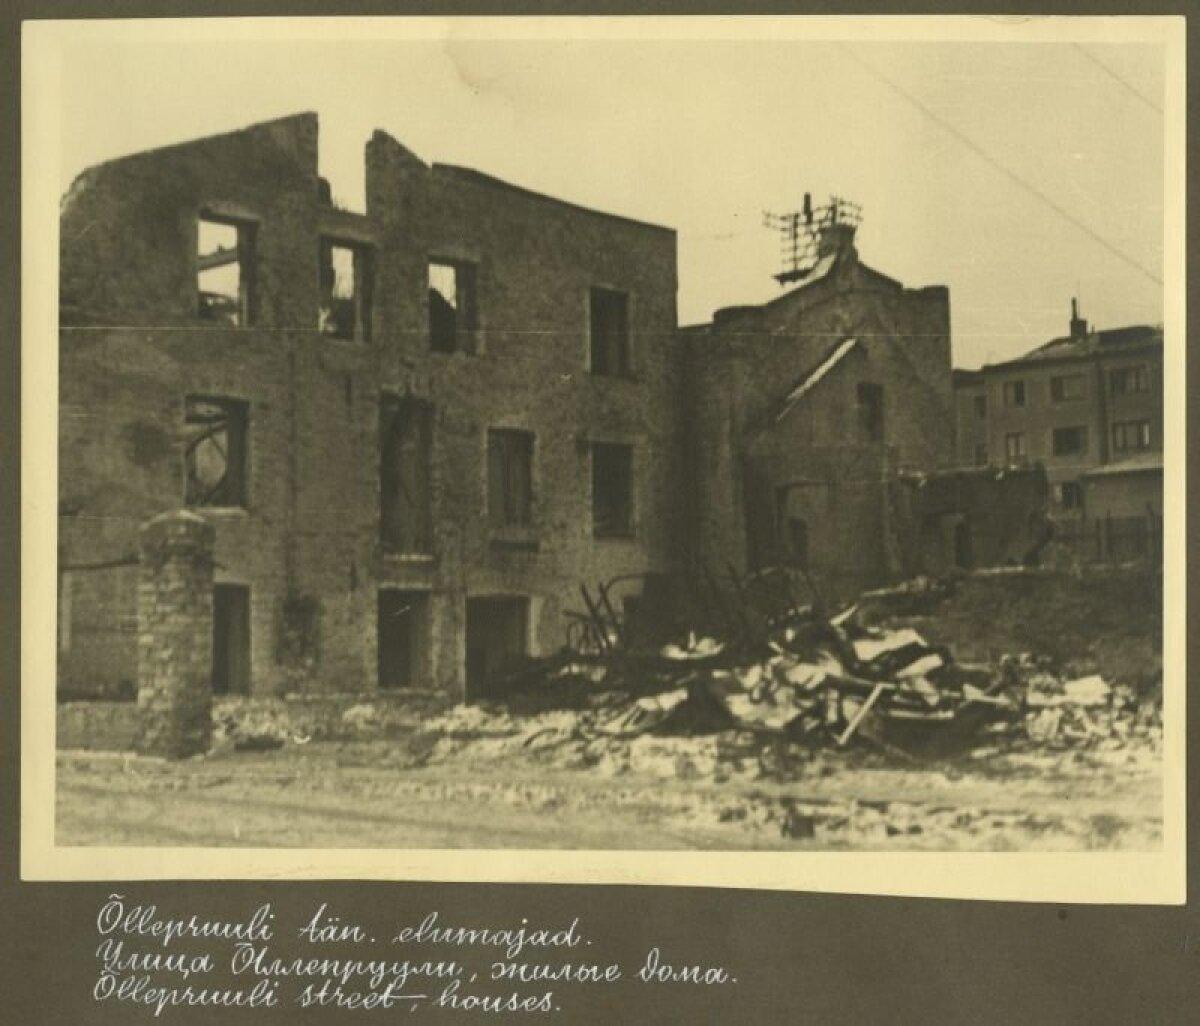 Õllepruuli tänav pärast 1944. aasta märtsipommitamist.